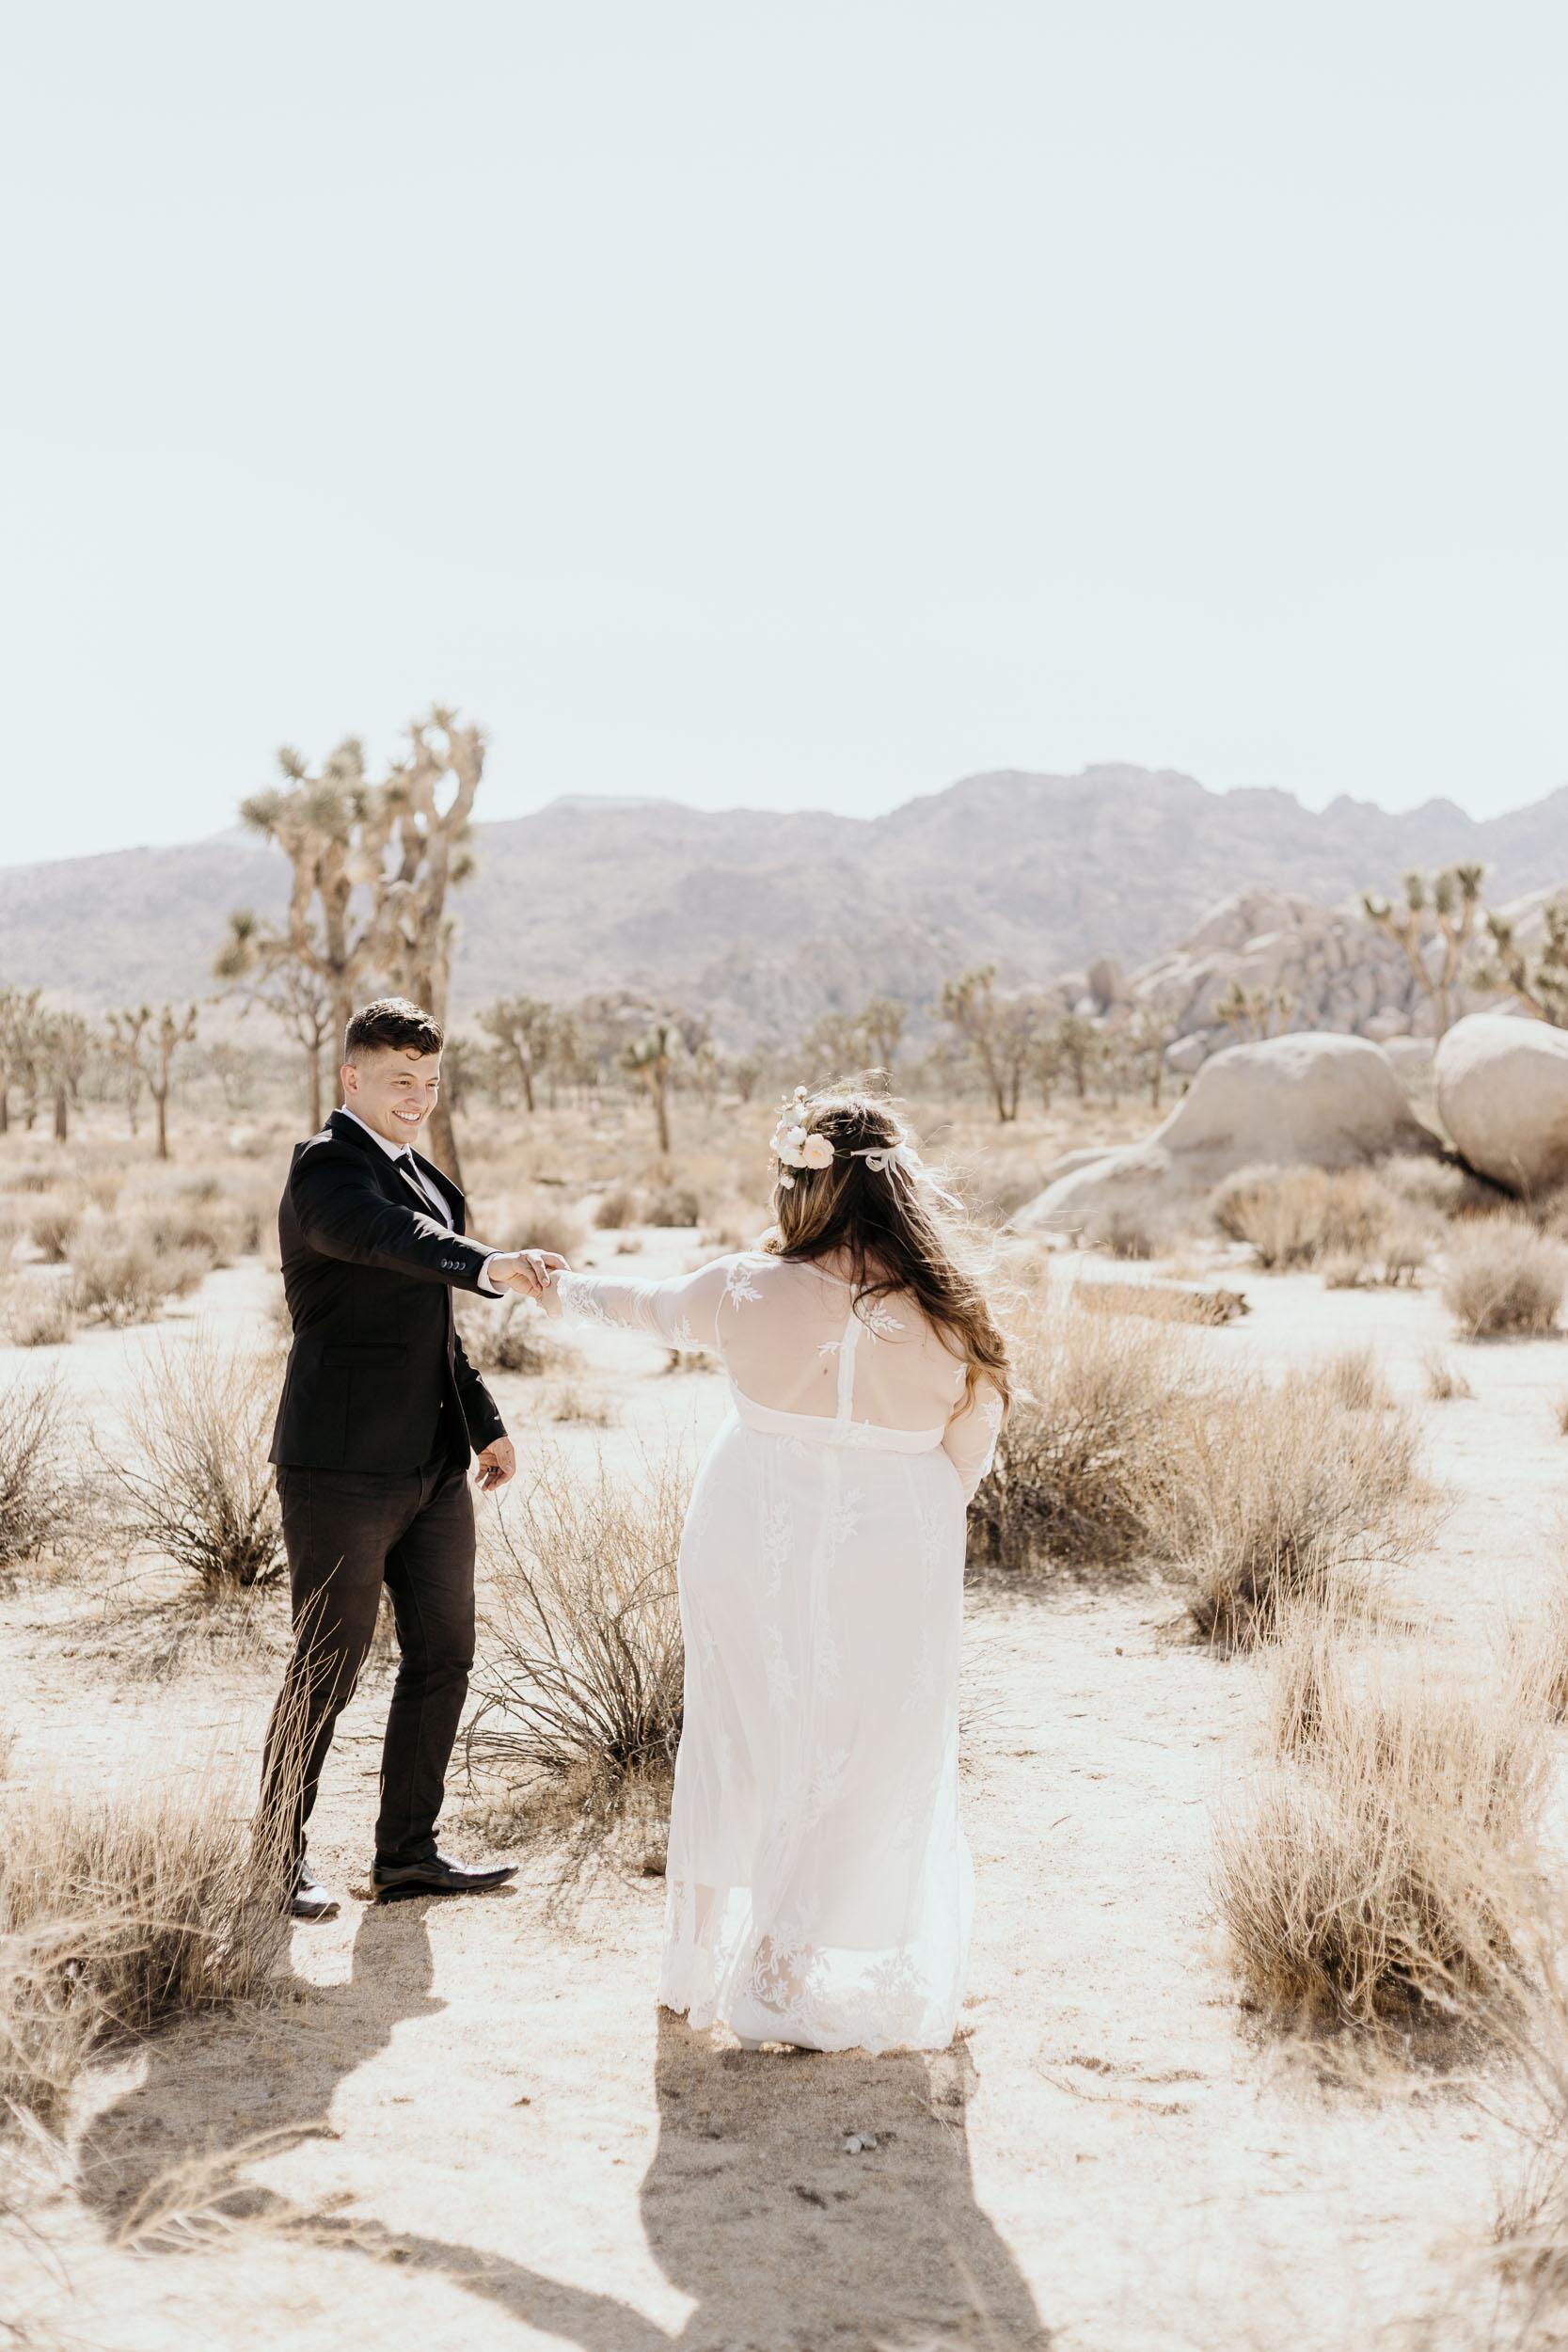 intimate-wedding-elopement-photographer-ottawa-joshua-tree-0269.jpg